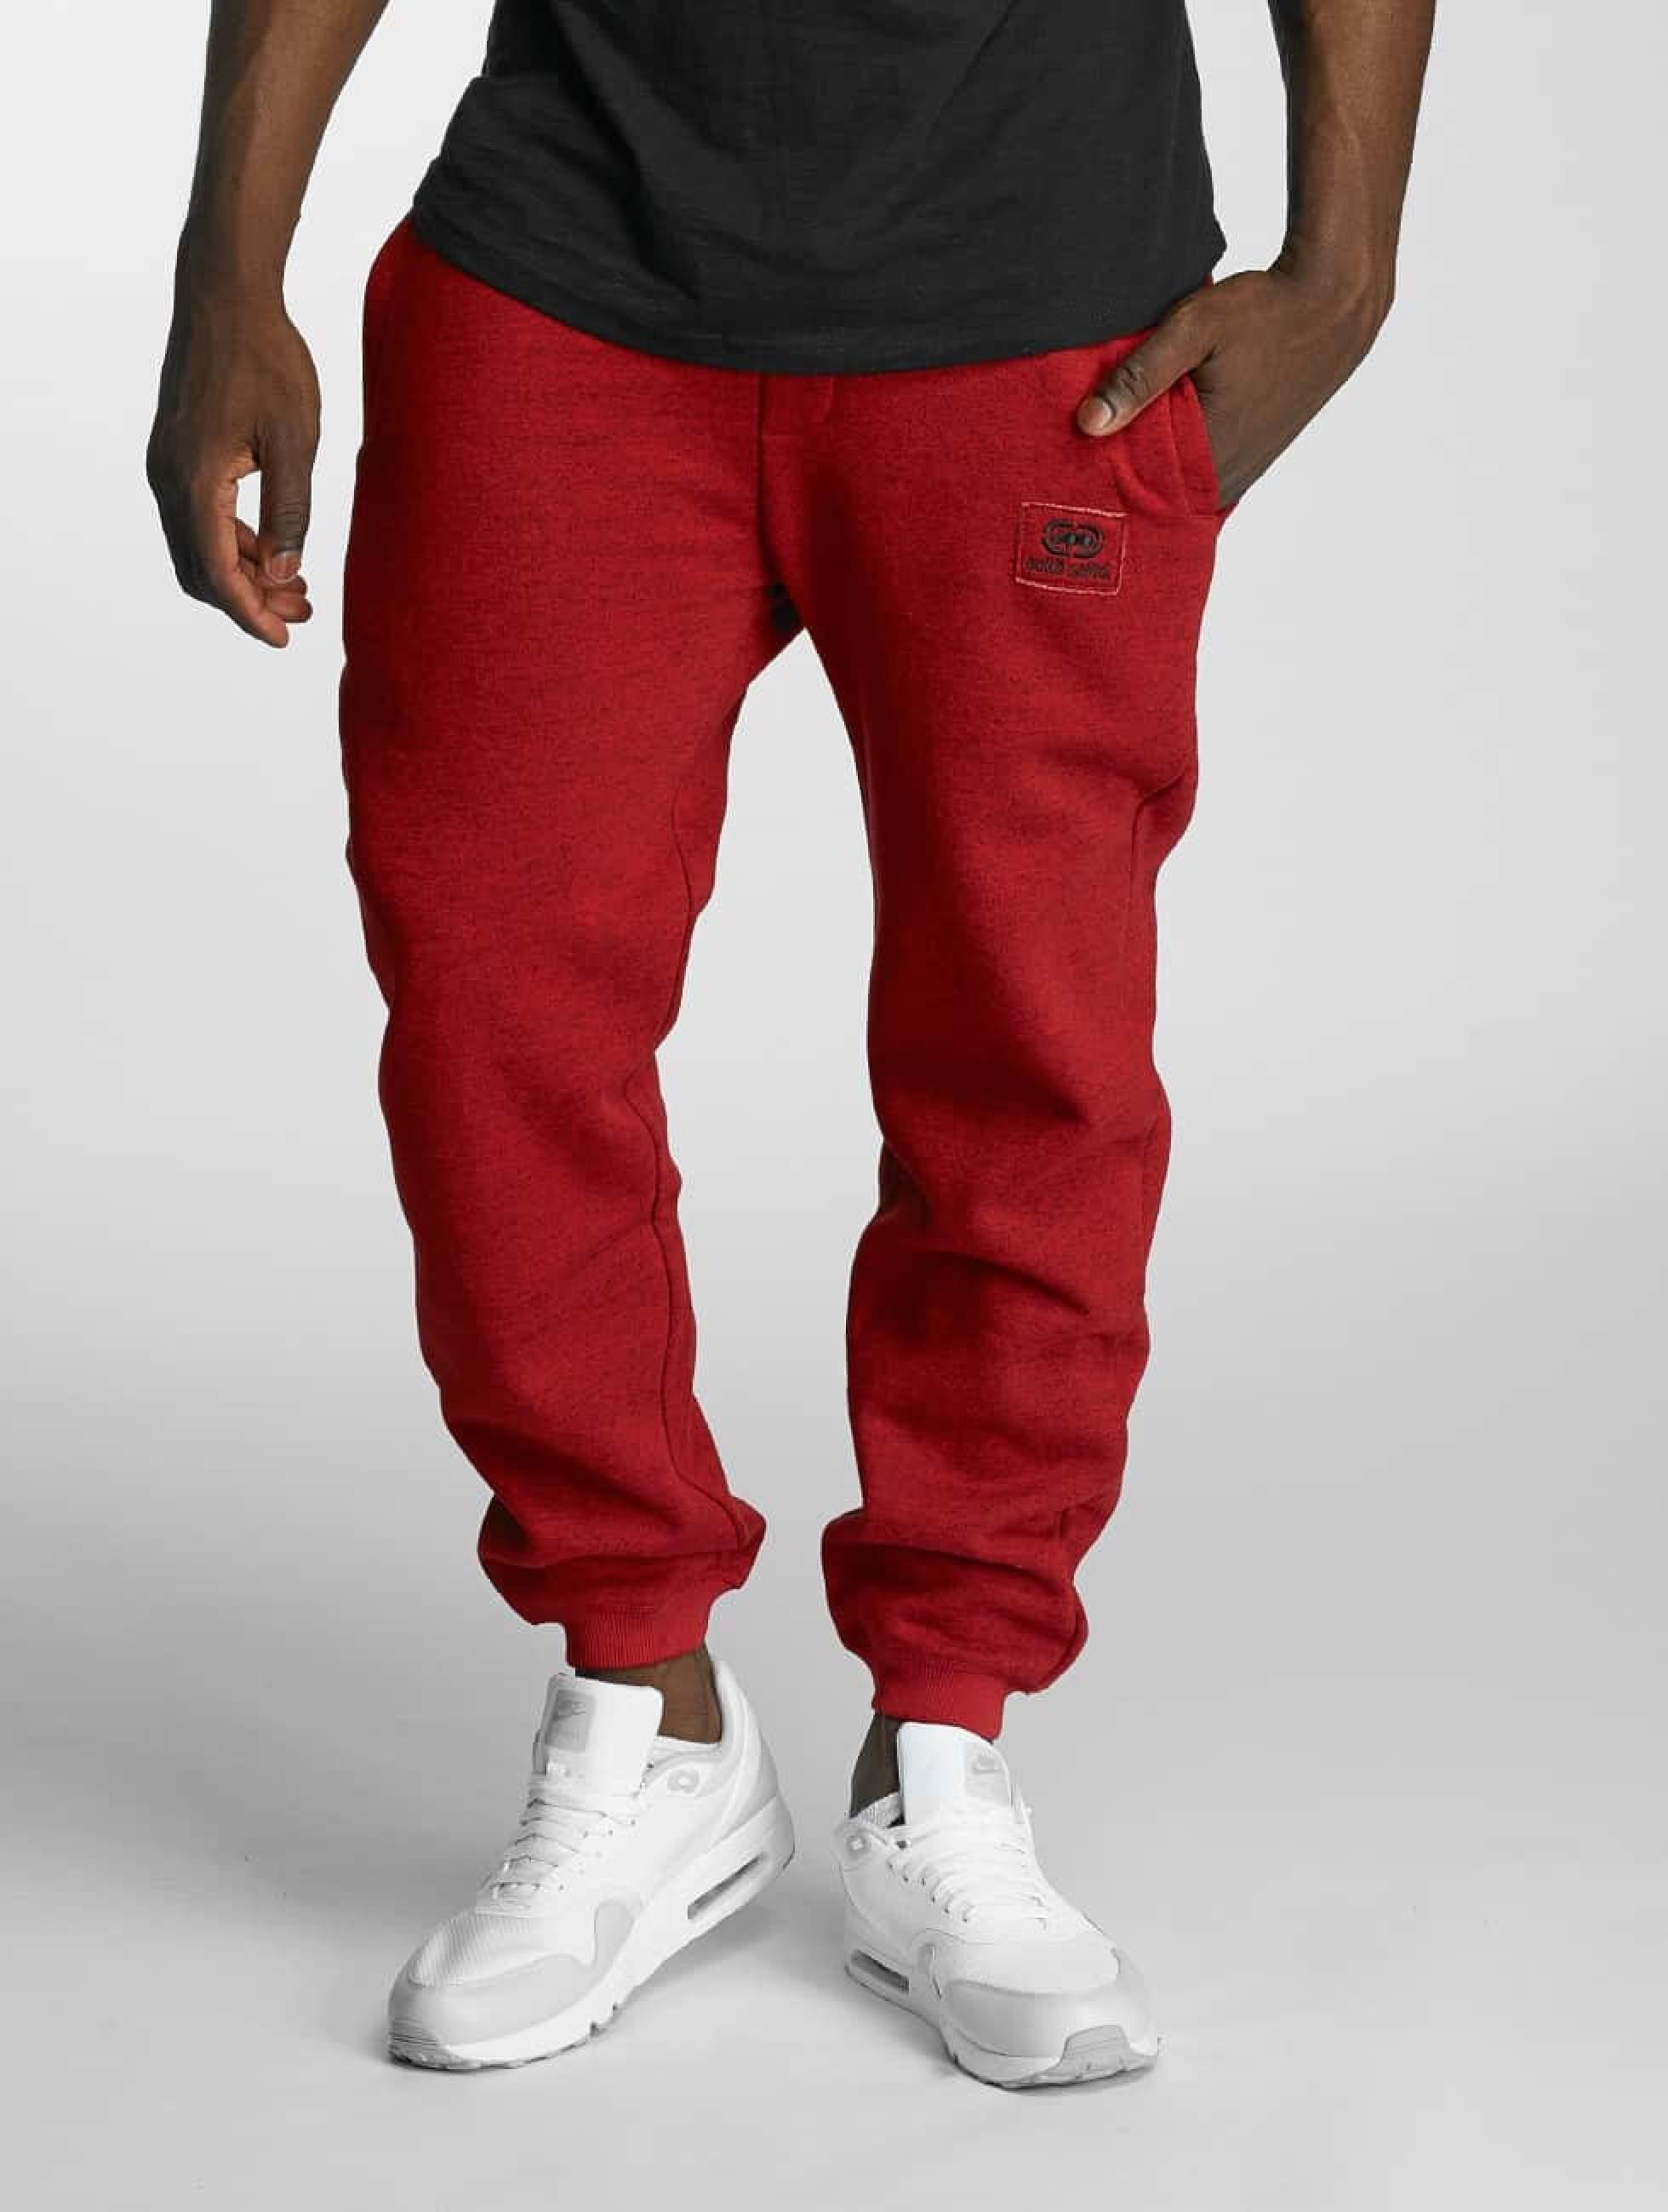 Ecko Unltd. / Sweat Pant Stormz in red 5XL